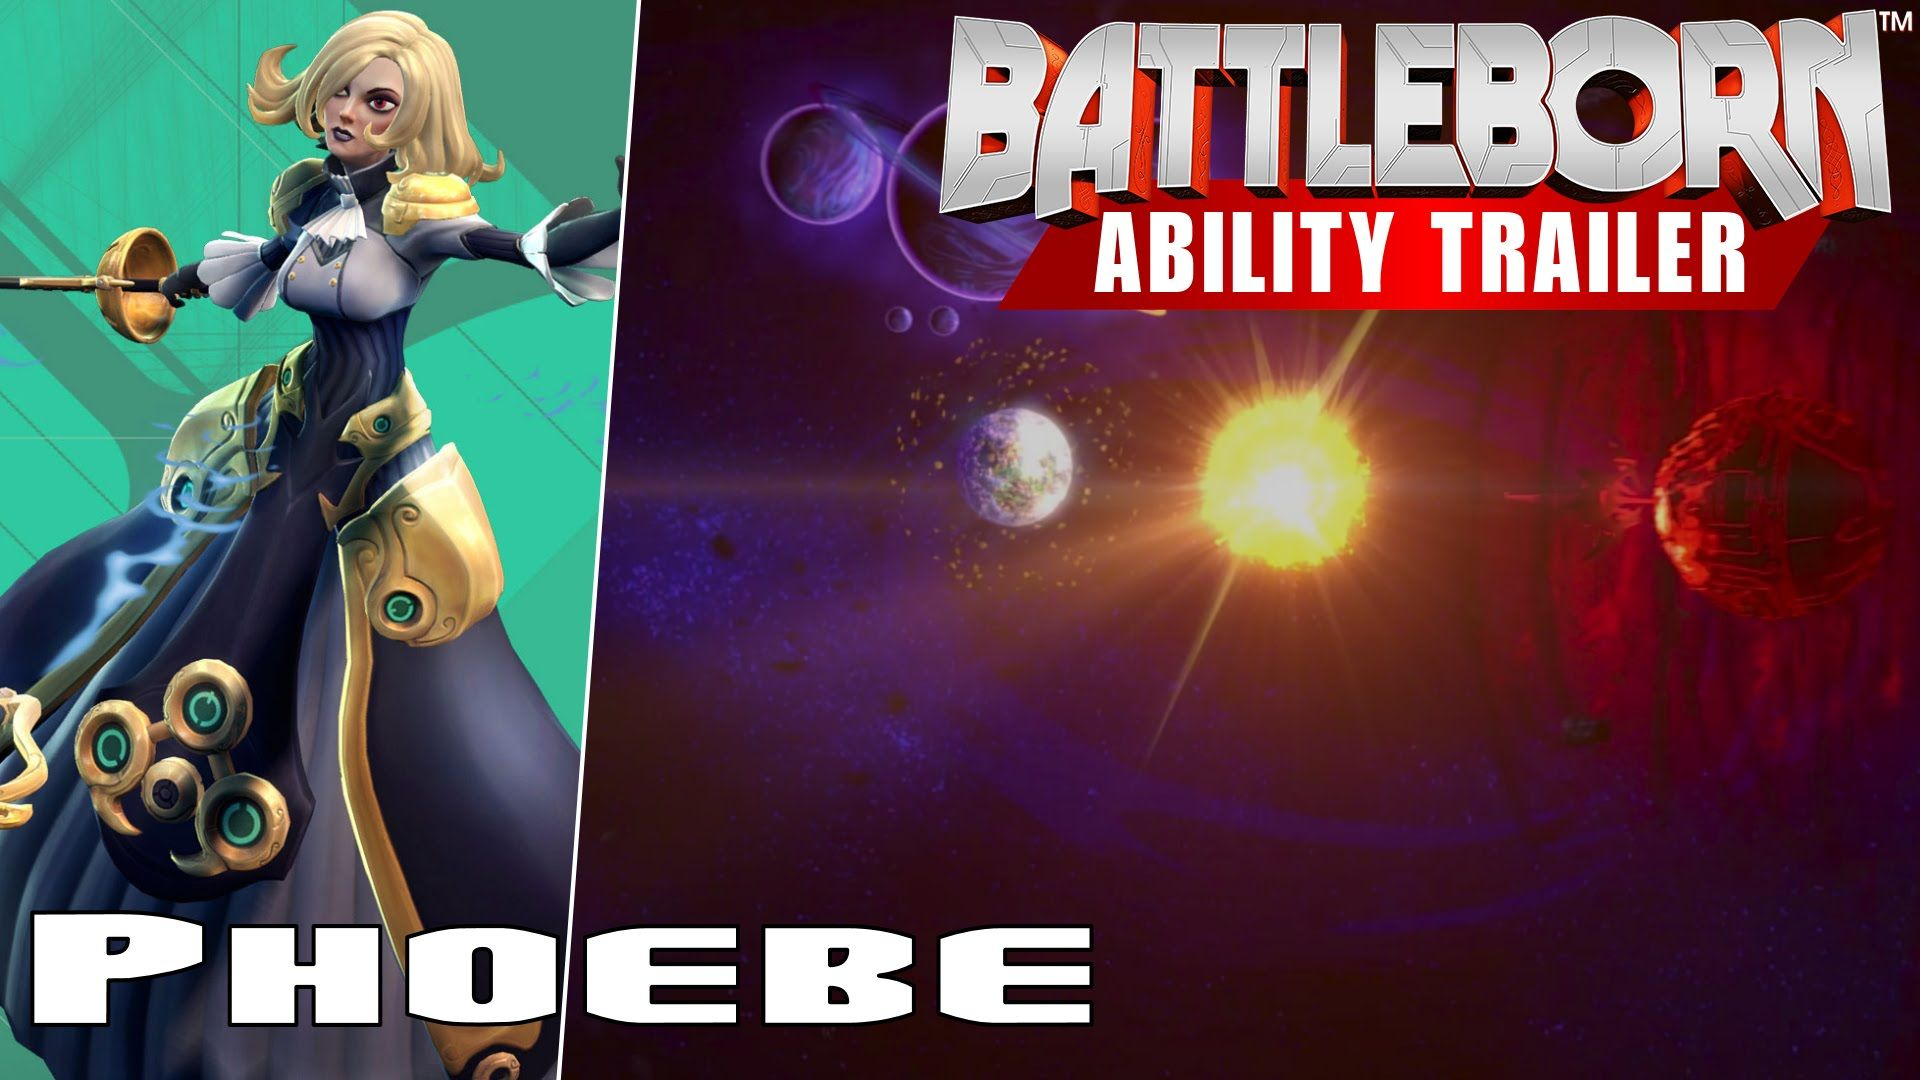 Battleborn Phoebe Ability Trailer